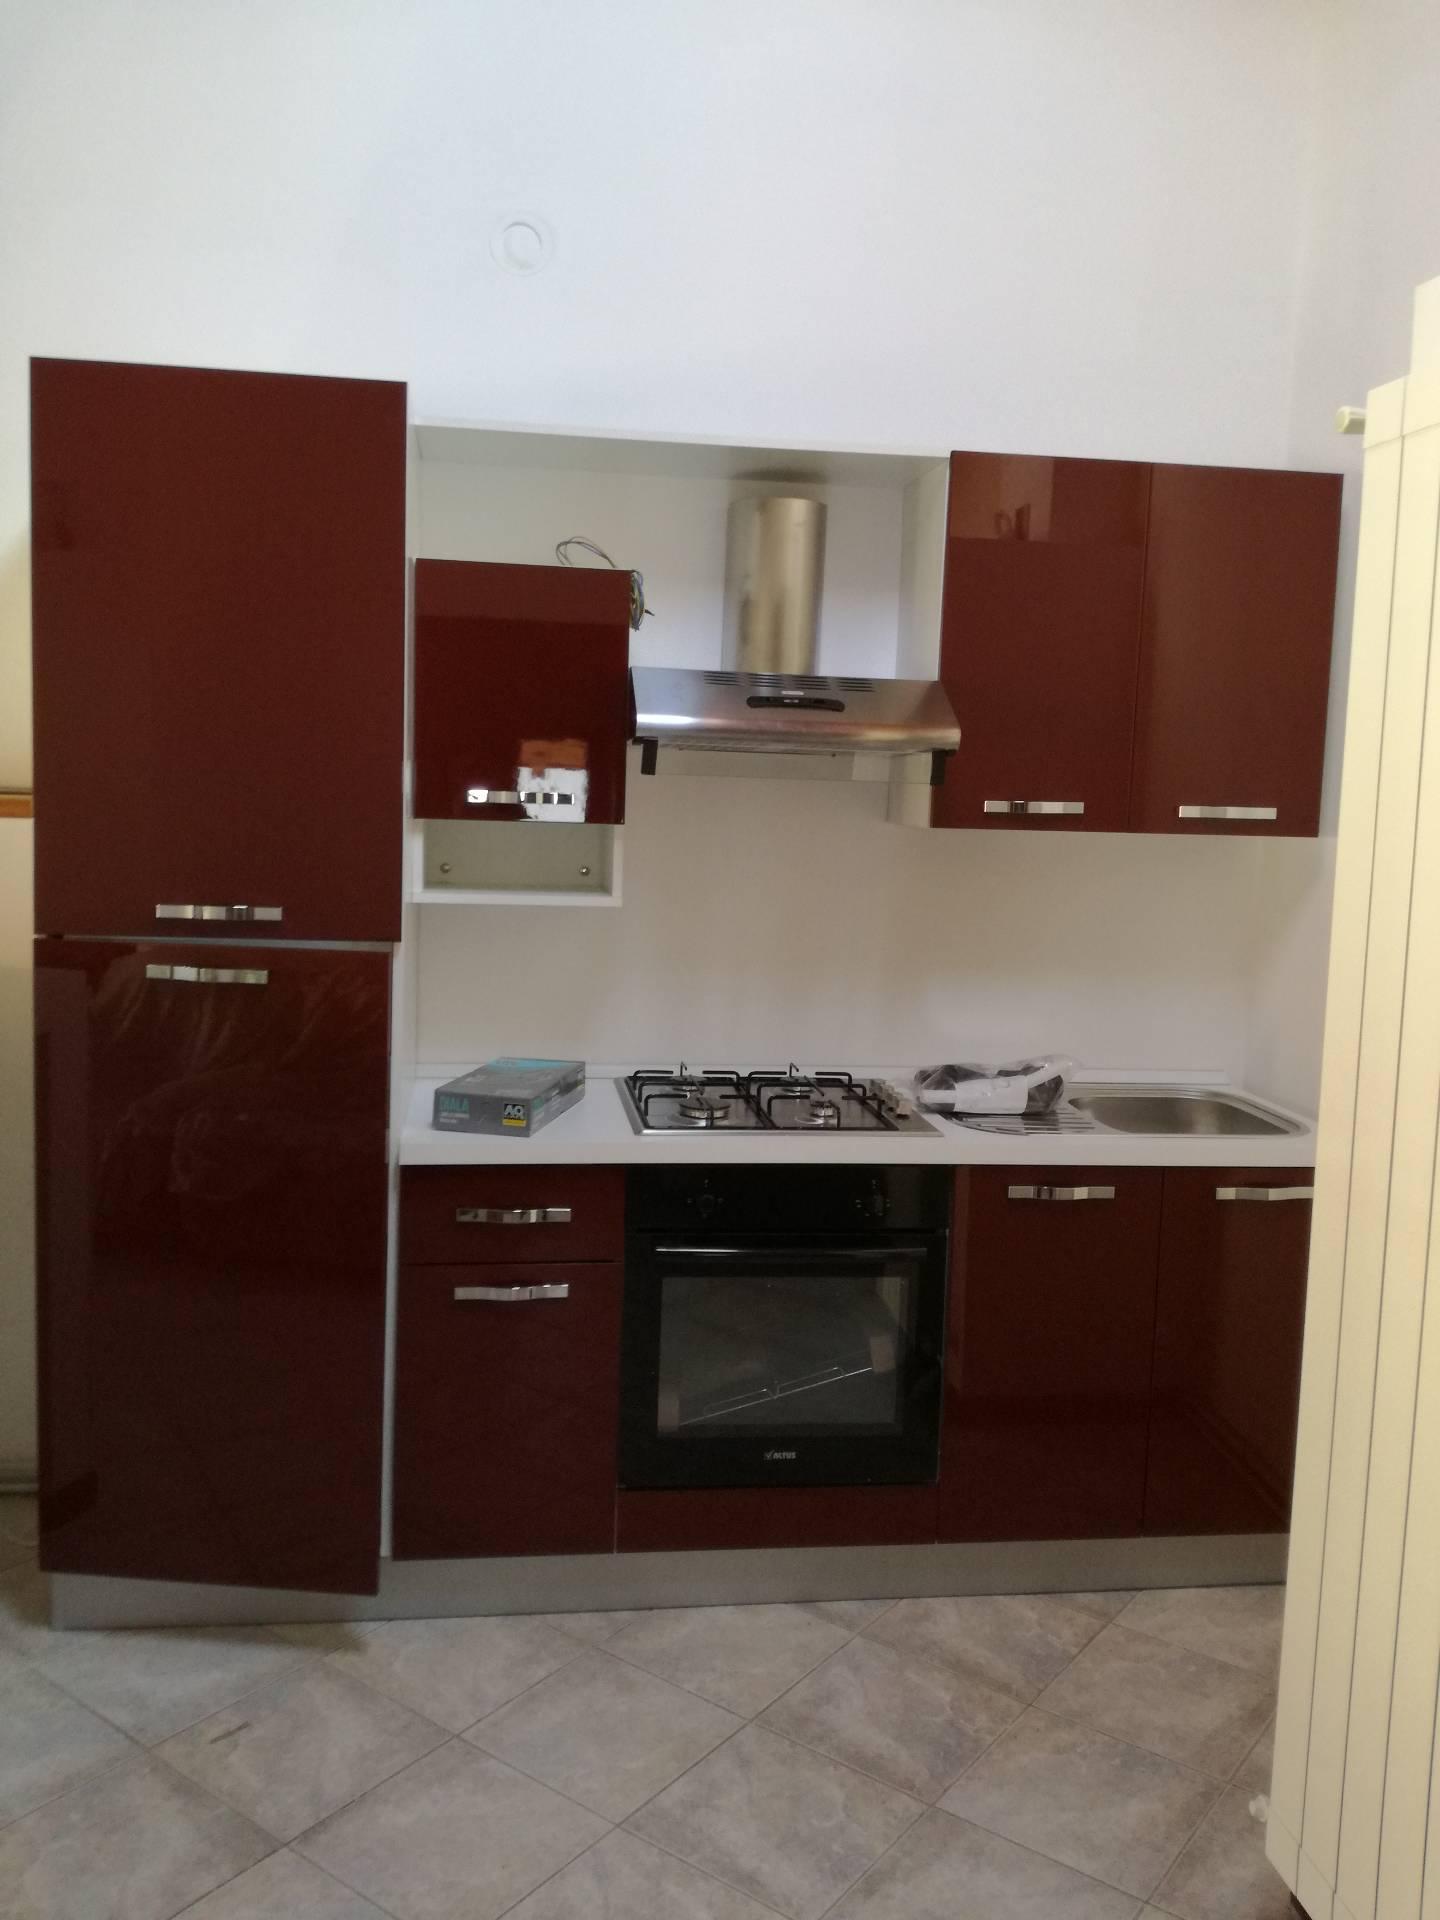 Appartamento in affitto a Verbania, 3 locali, zona Zona: Intra, prezzo € 550 | CambioCasa.it